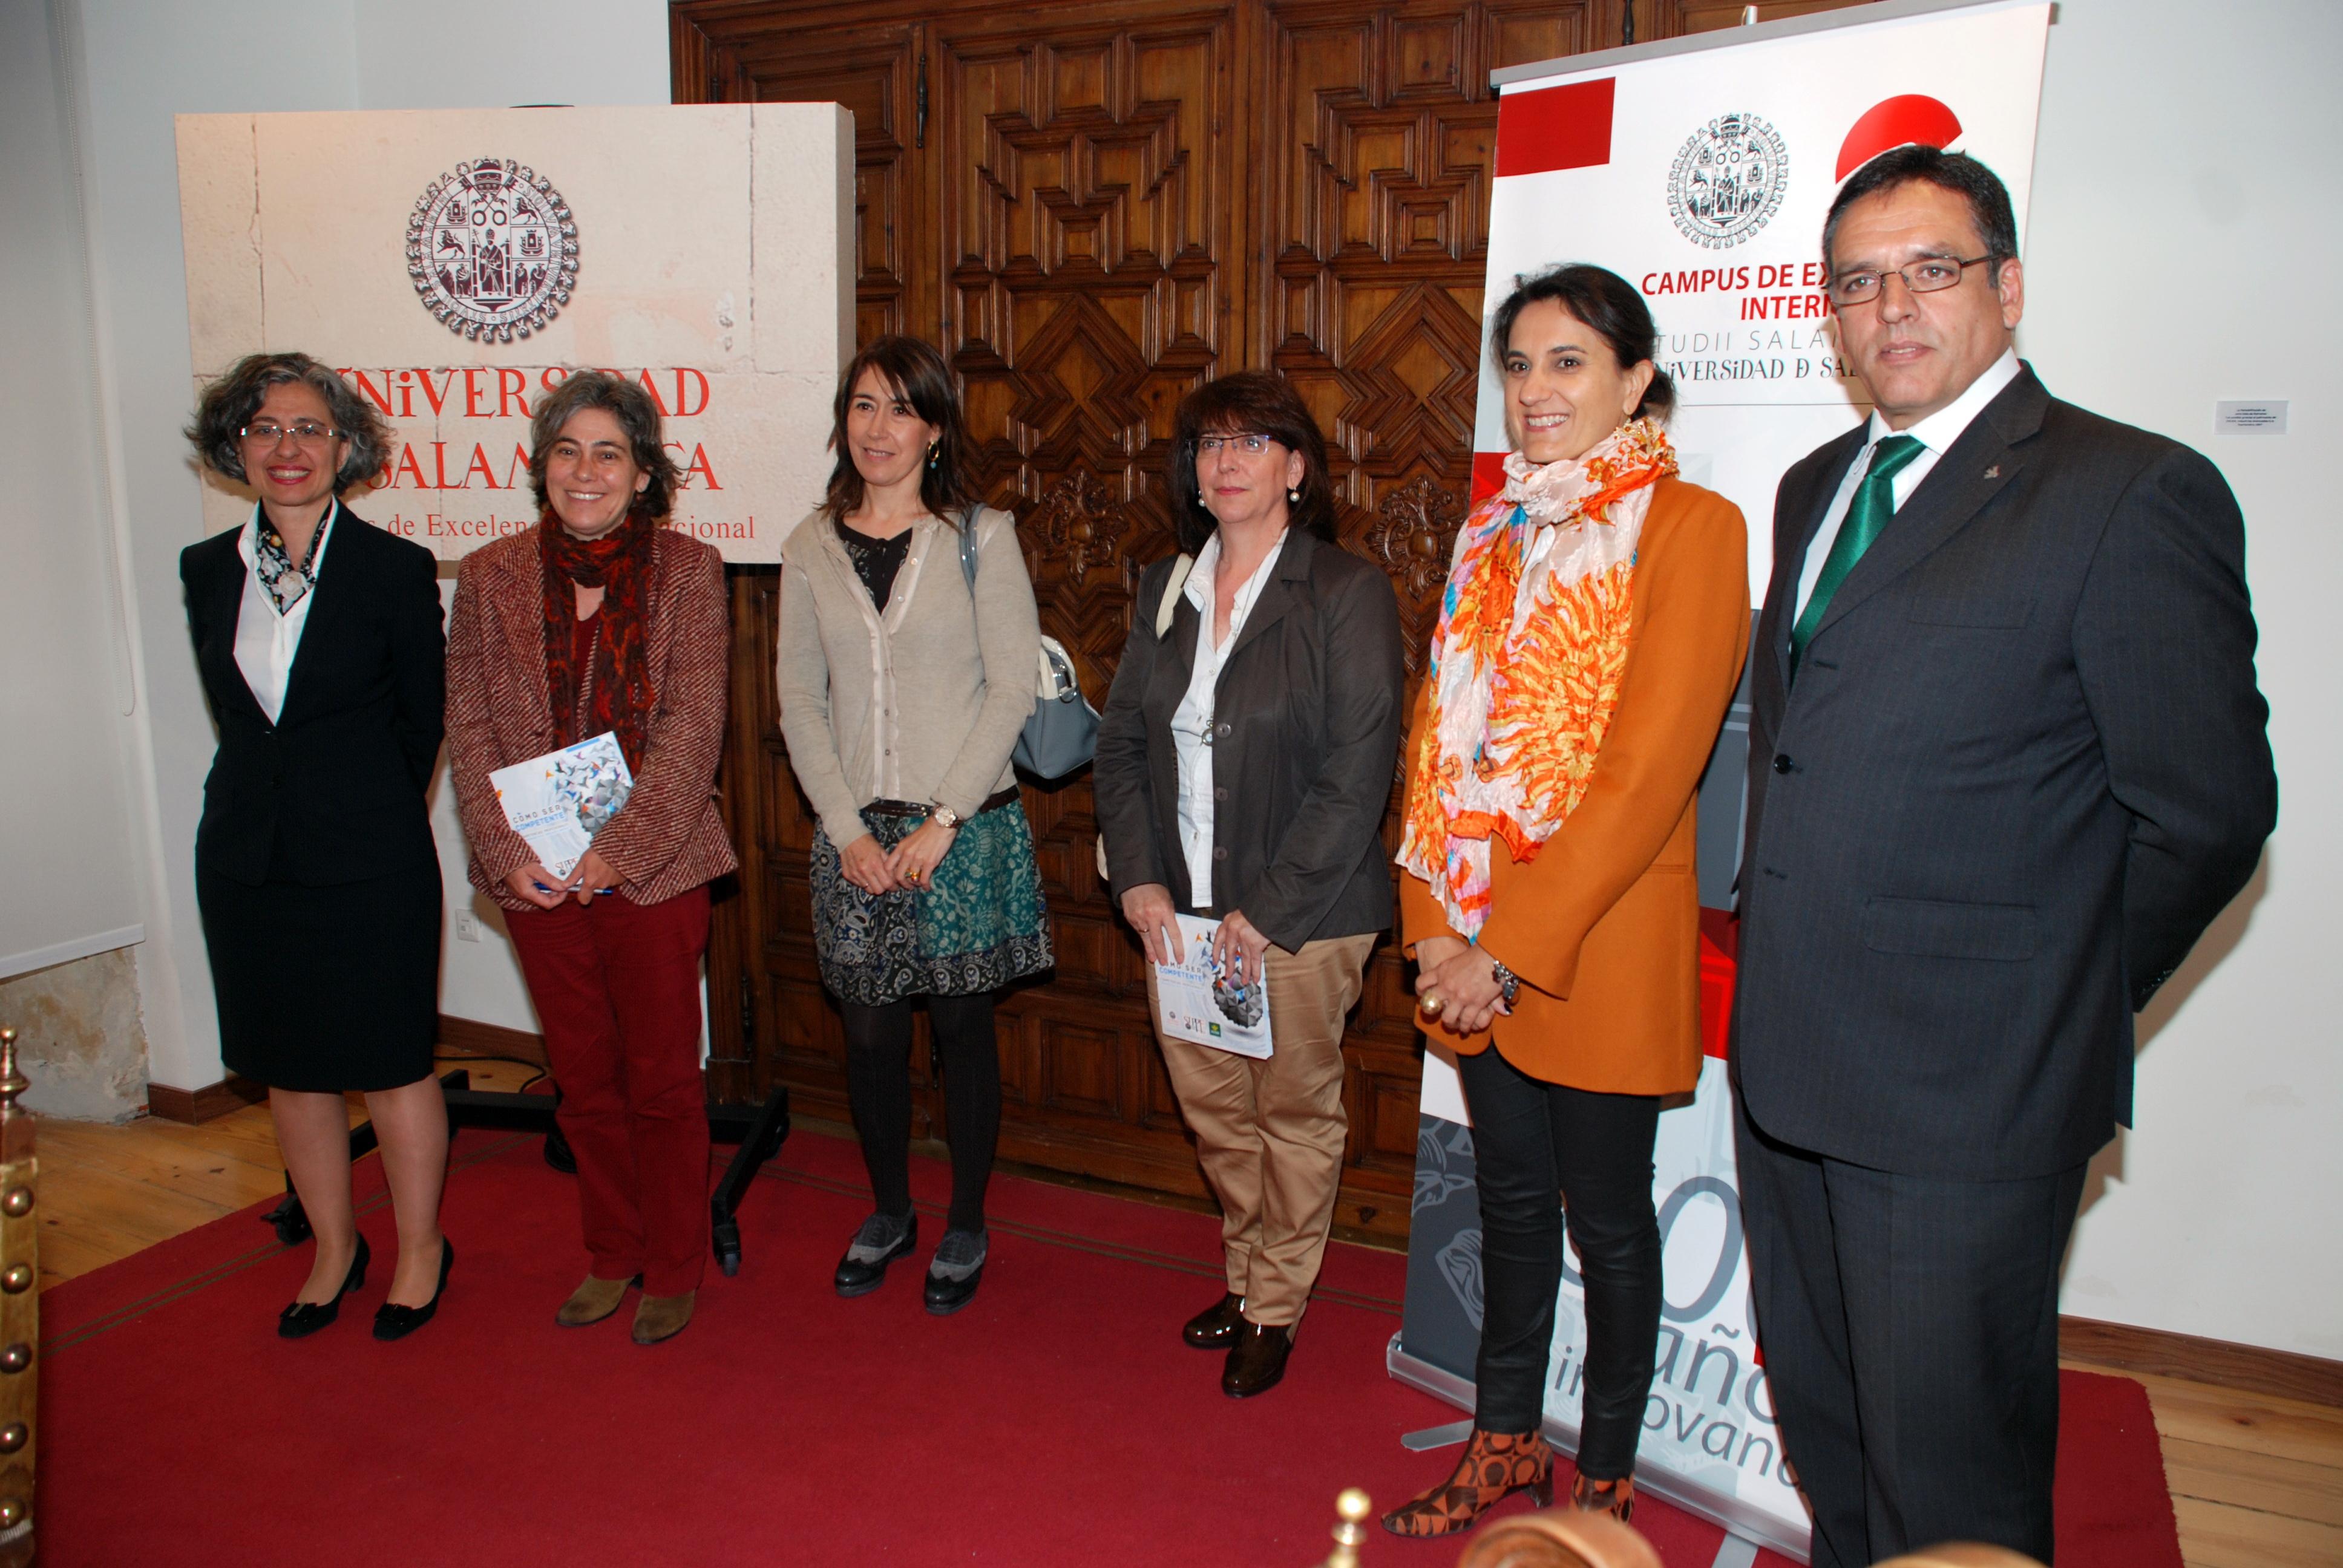 La vicerrectora de Estudiantes y la directora de Caja Rural de Salamanca presentan un catálogo de competencias profesionales para impulsar la inserción laboral de los jóvenes titulados